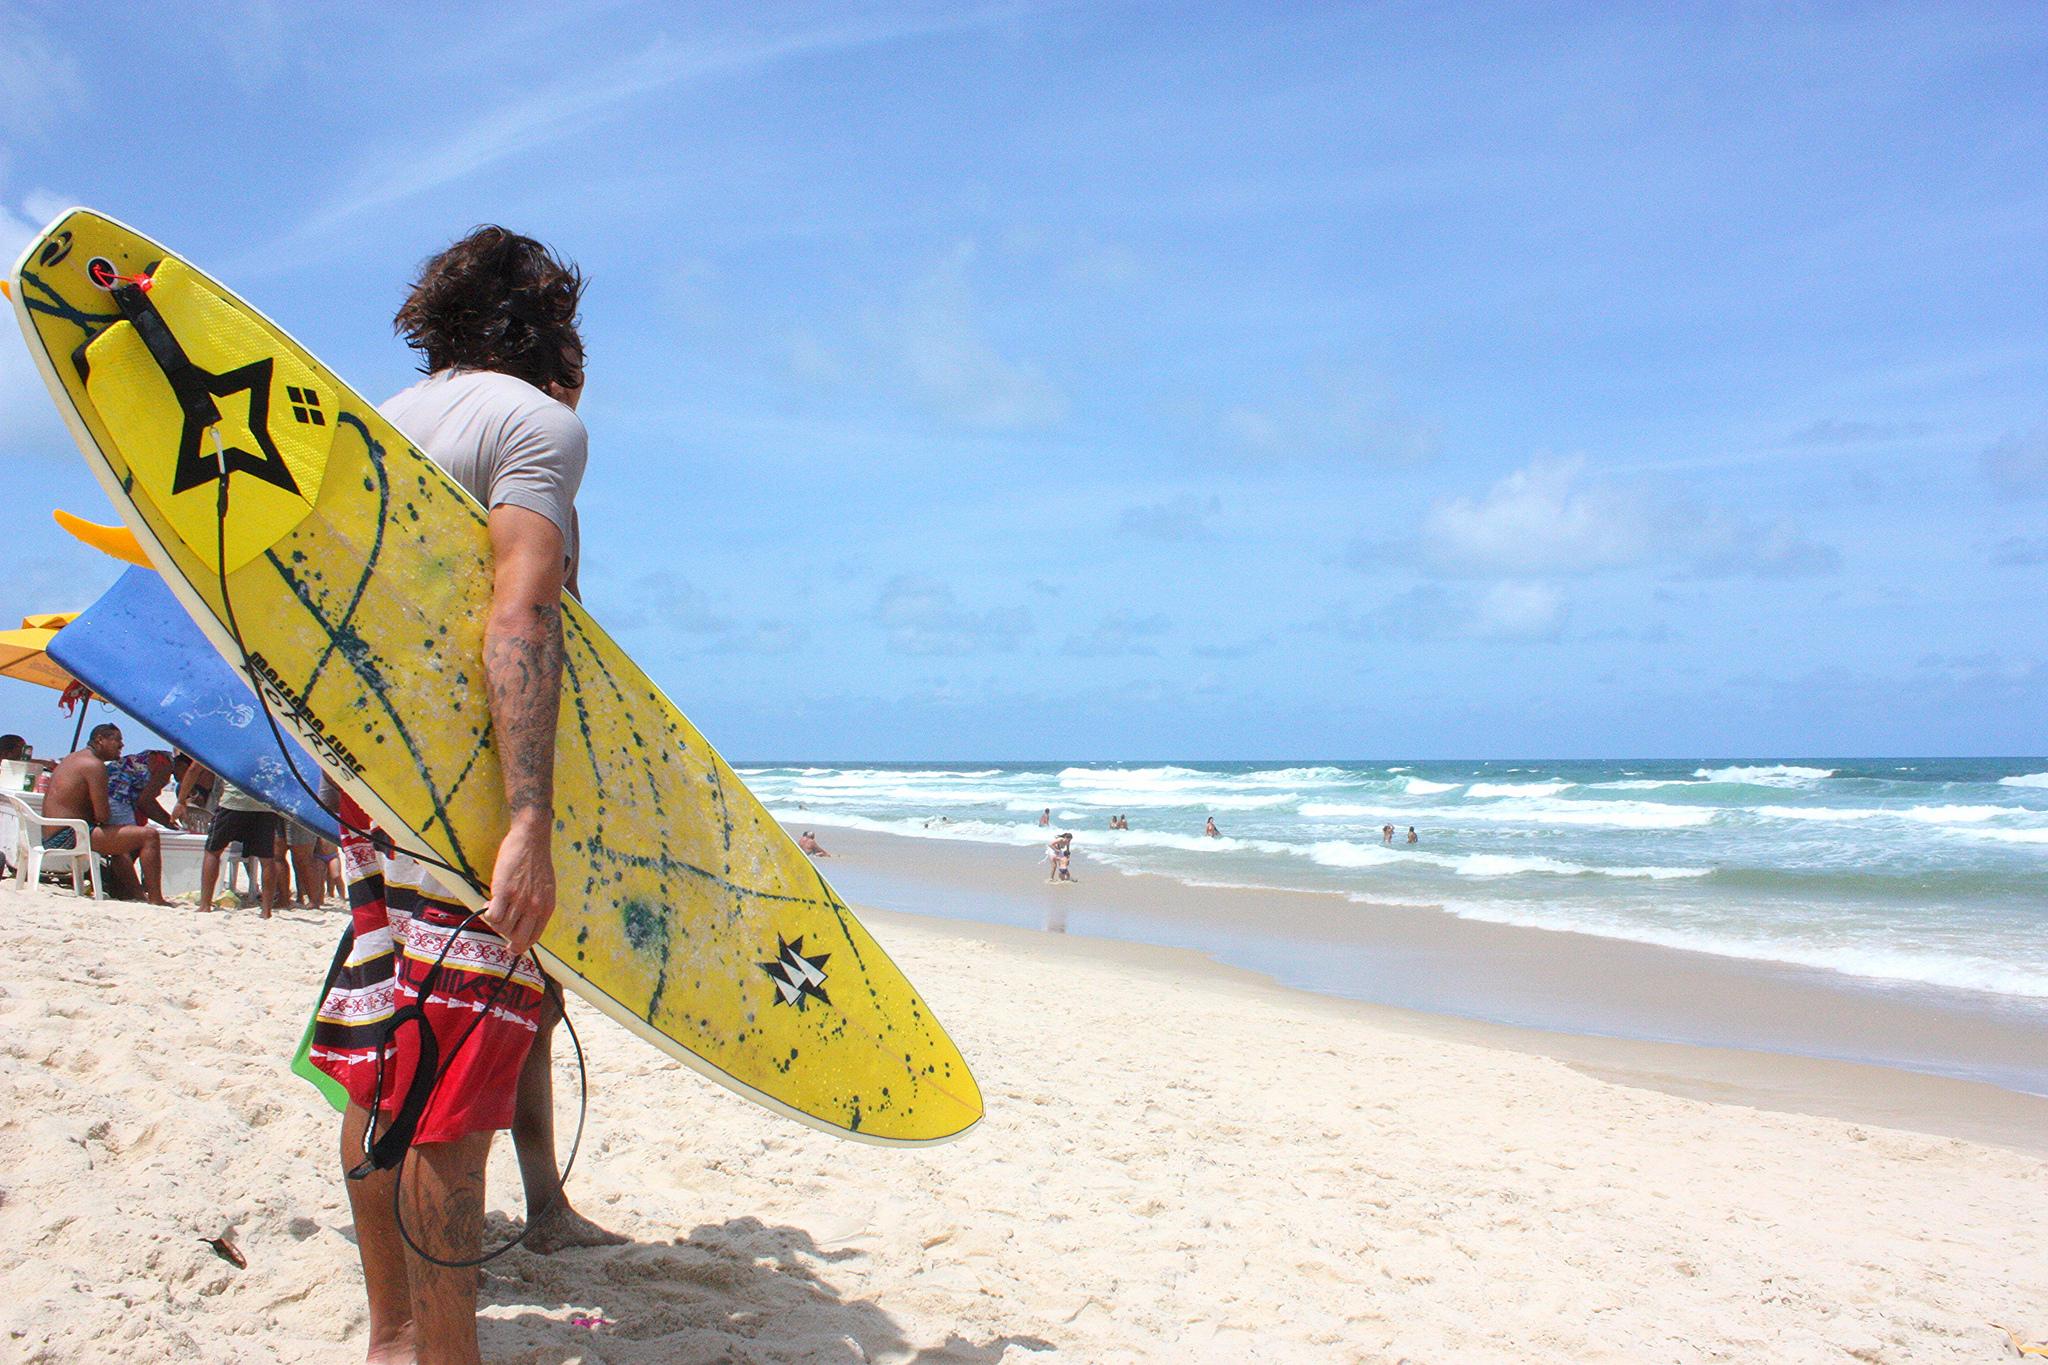 Em 2014, o Ceará recebeu 85.025 estrangeiros, de acordo com Anuário Estatístico do MTur (FOTO; Mando Barista/Flickr Creative Commons)